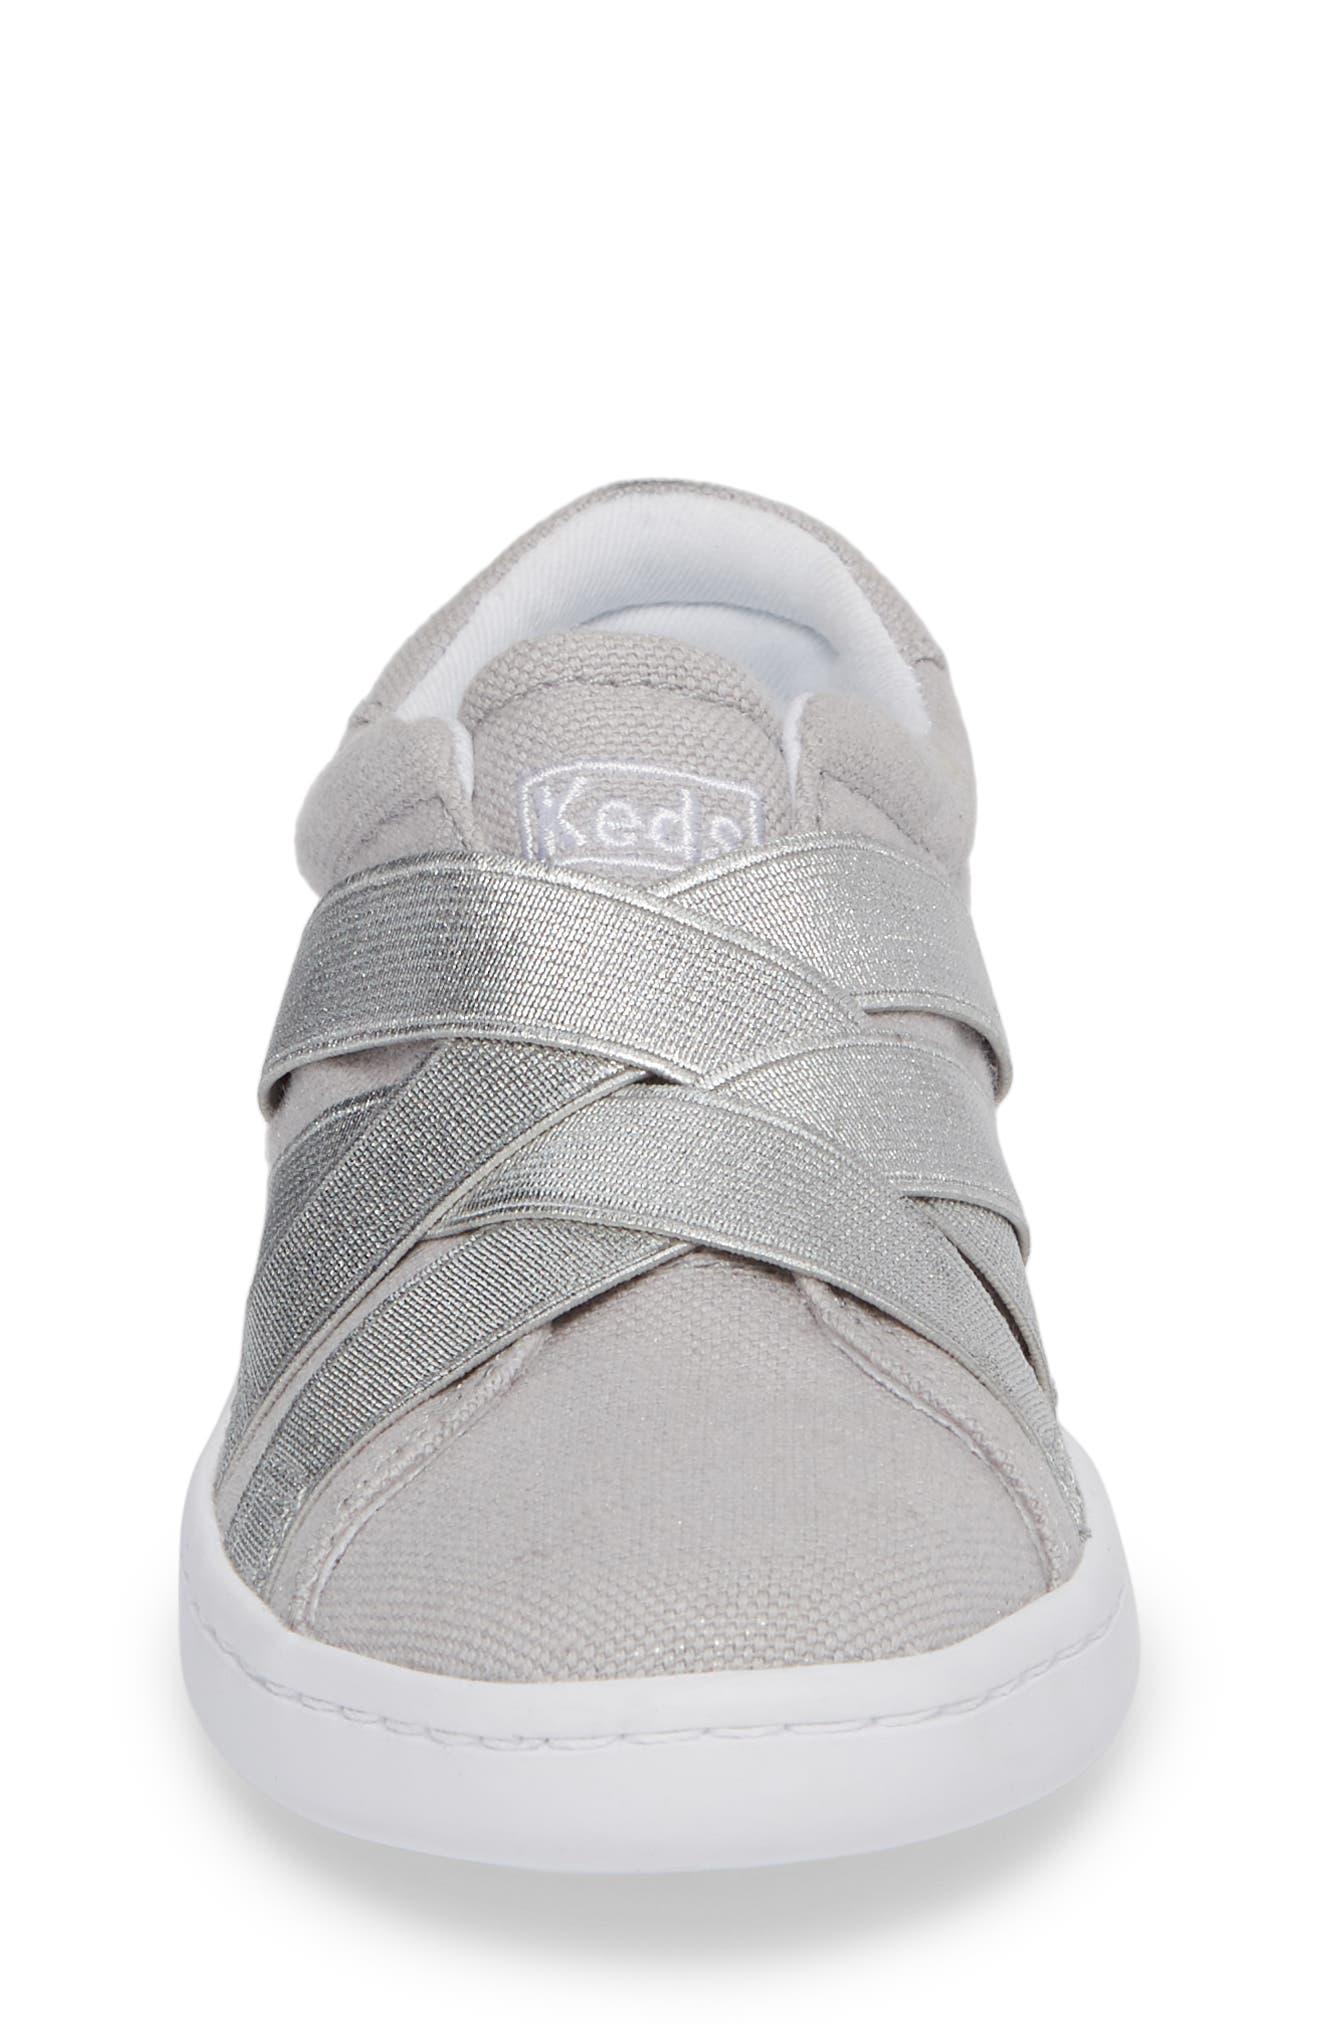 Ace Slip-on Sneaker,                             Alternate thumbnail 4, color,